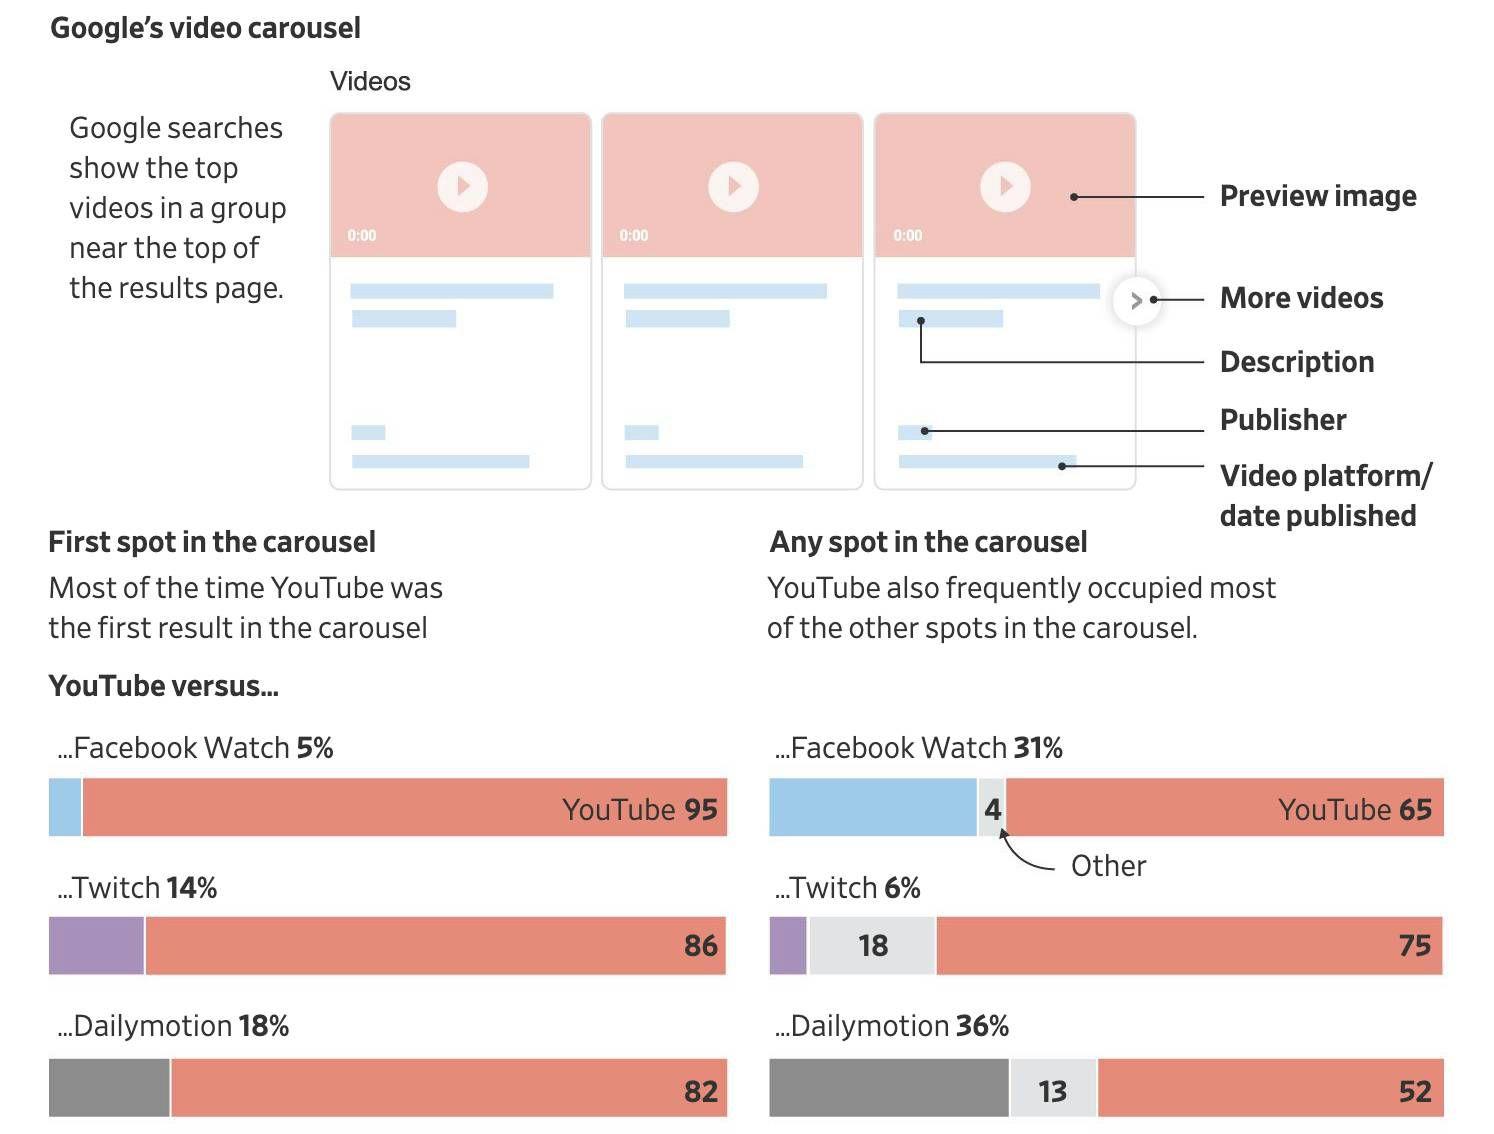 Une infographie montrant la place de YouTube par rapport à ses rivaux dans les carrousel vidéo du moteur de recherche Google.